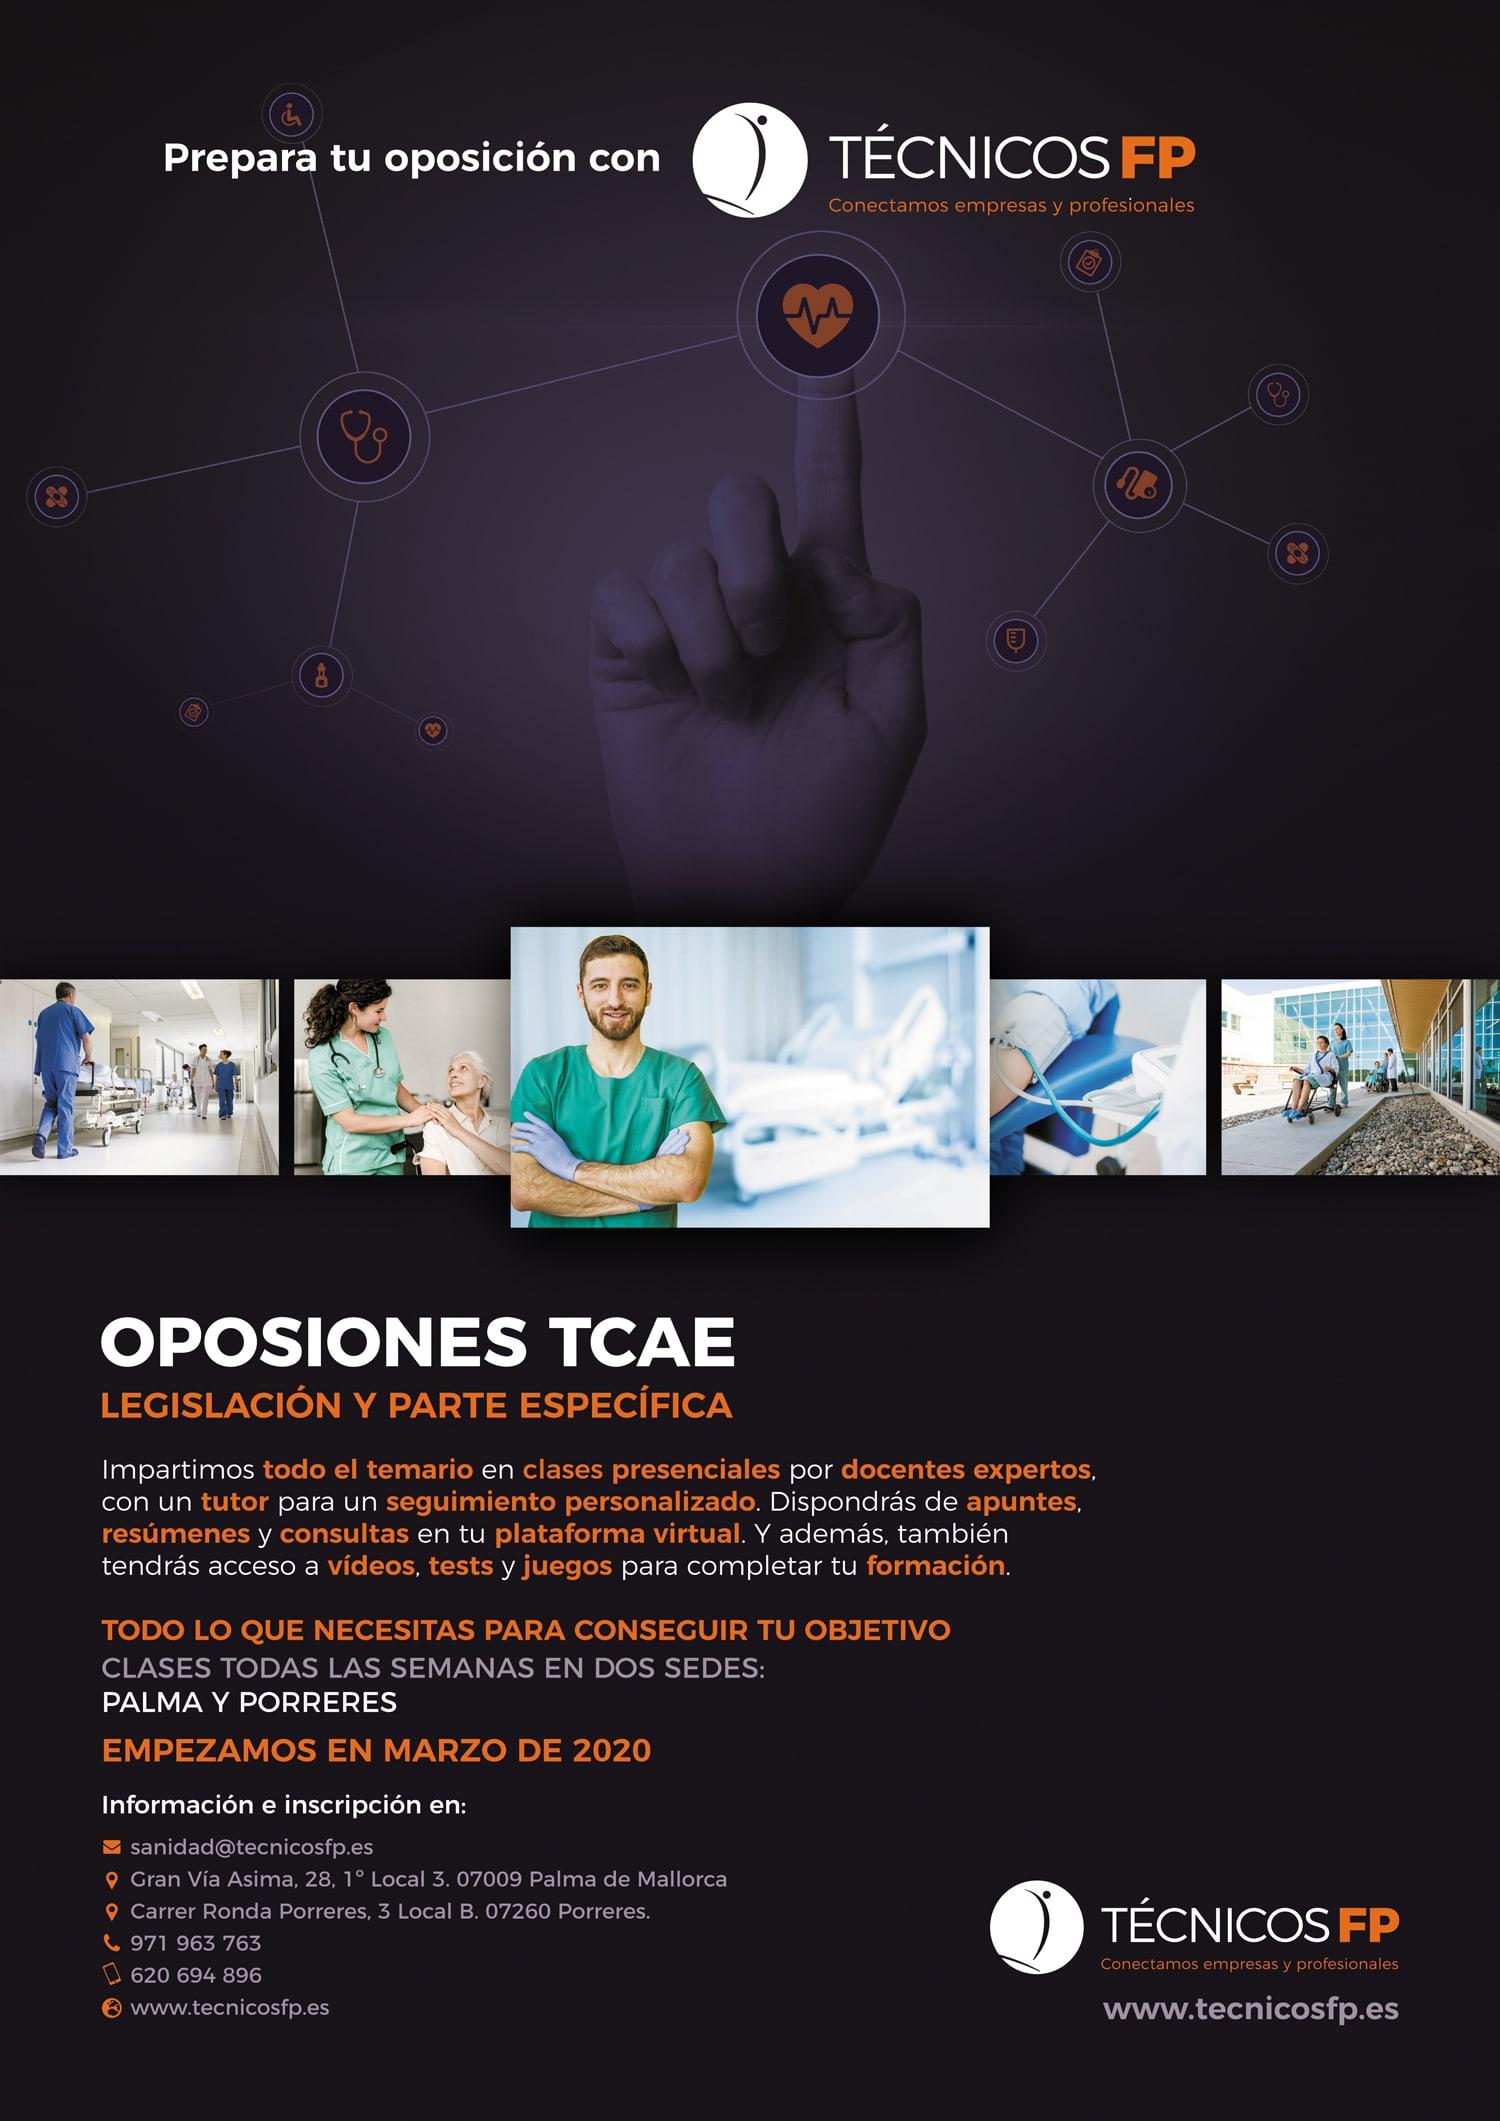 Técnicos FP - cartel oposiciones TCAE